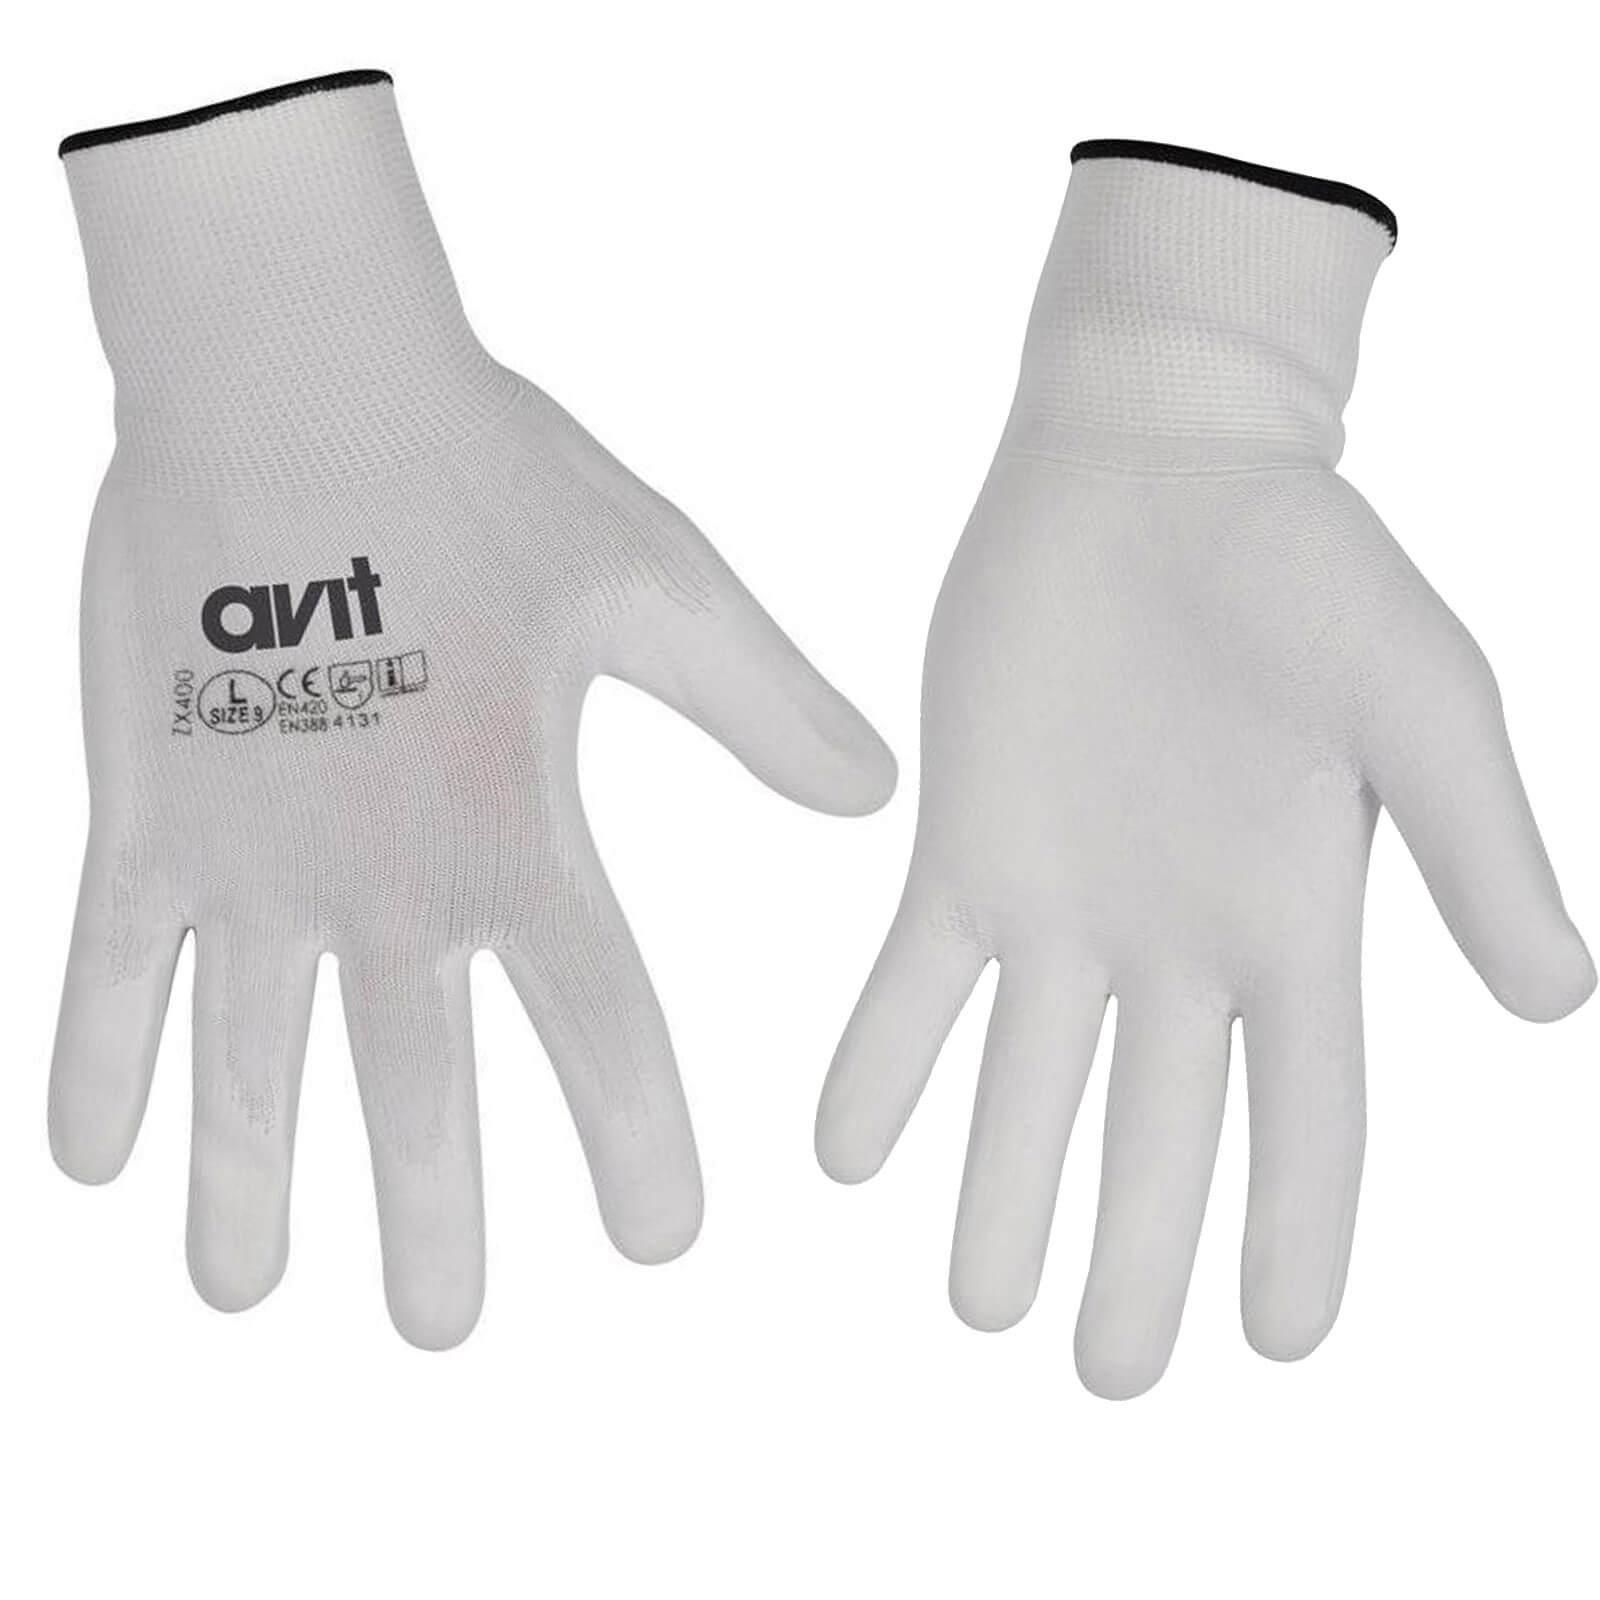 Tooled Up/Safety & Workwear/PPE/Avit Polyurethane Coated Gloves Large